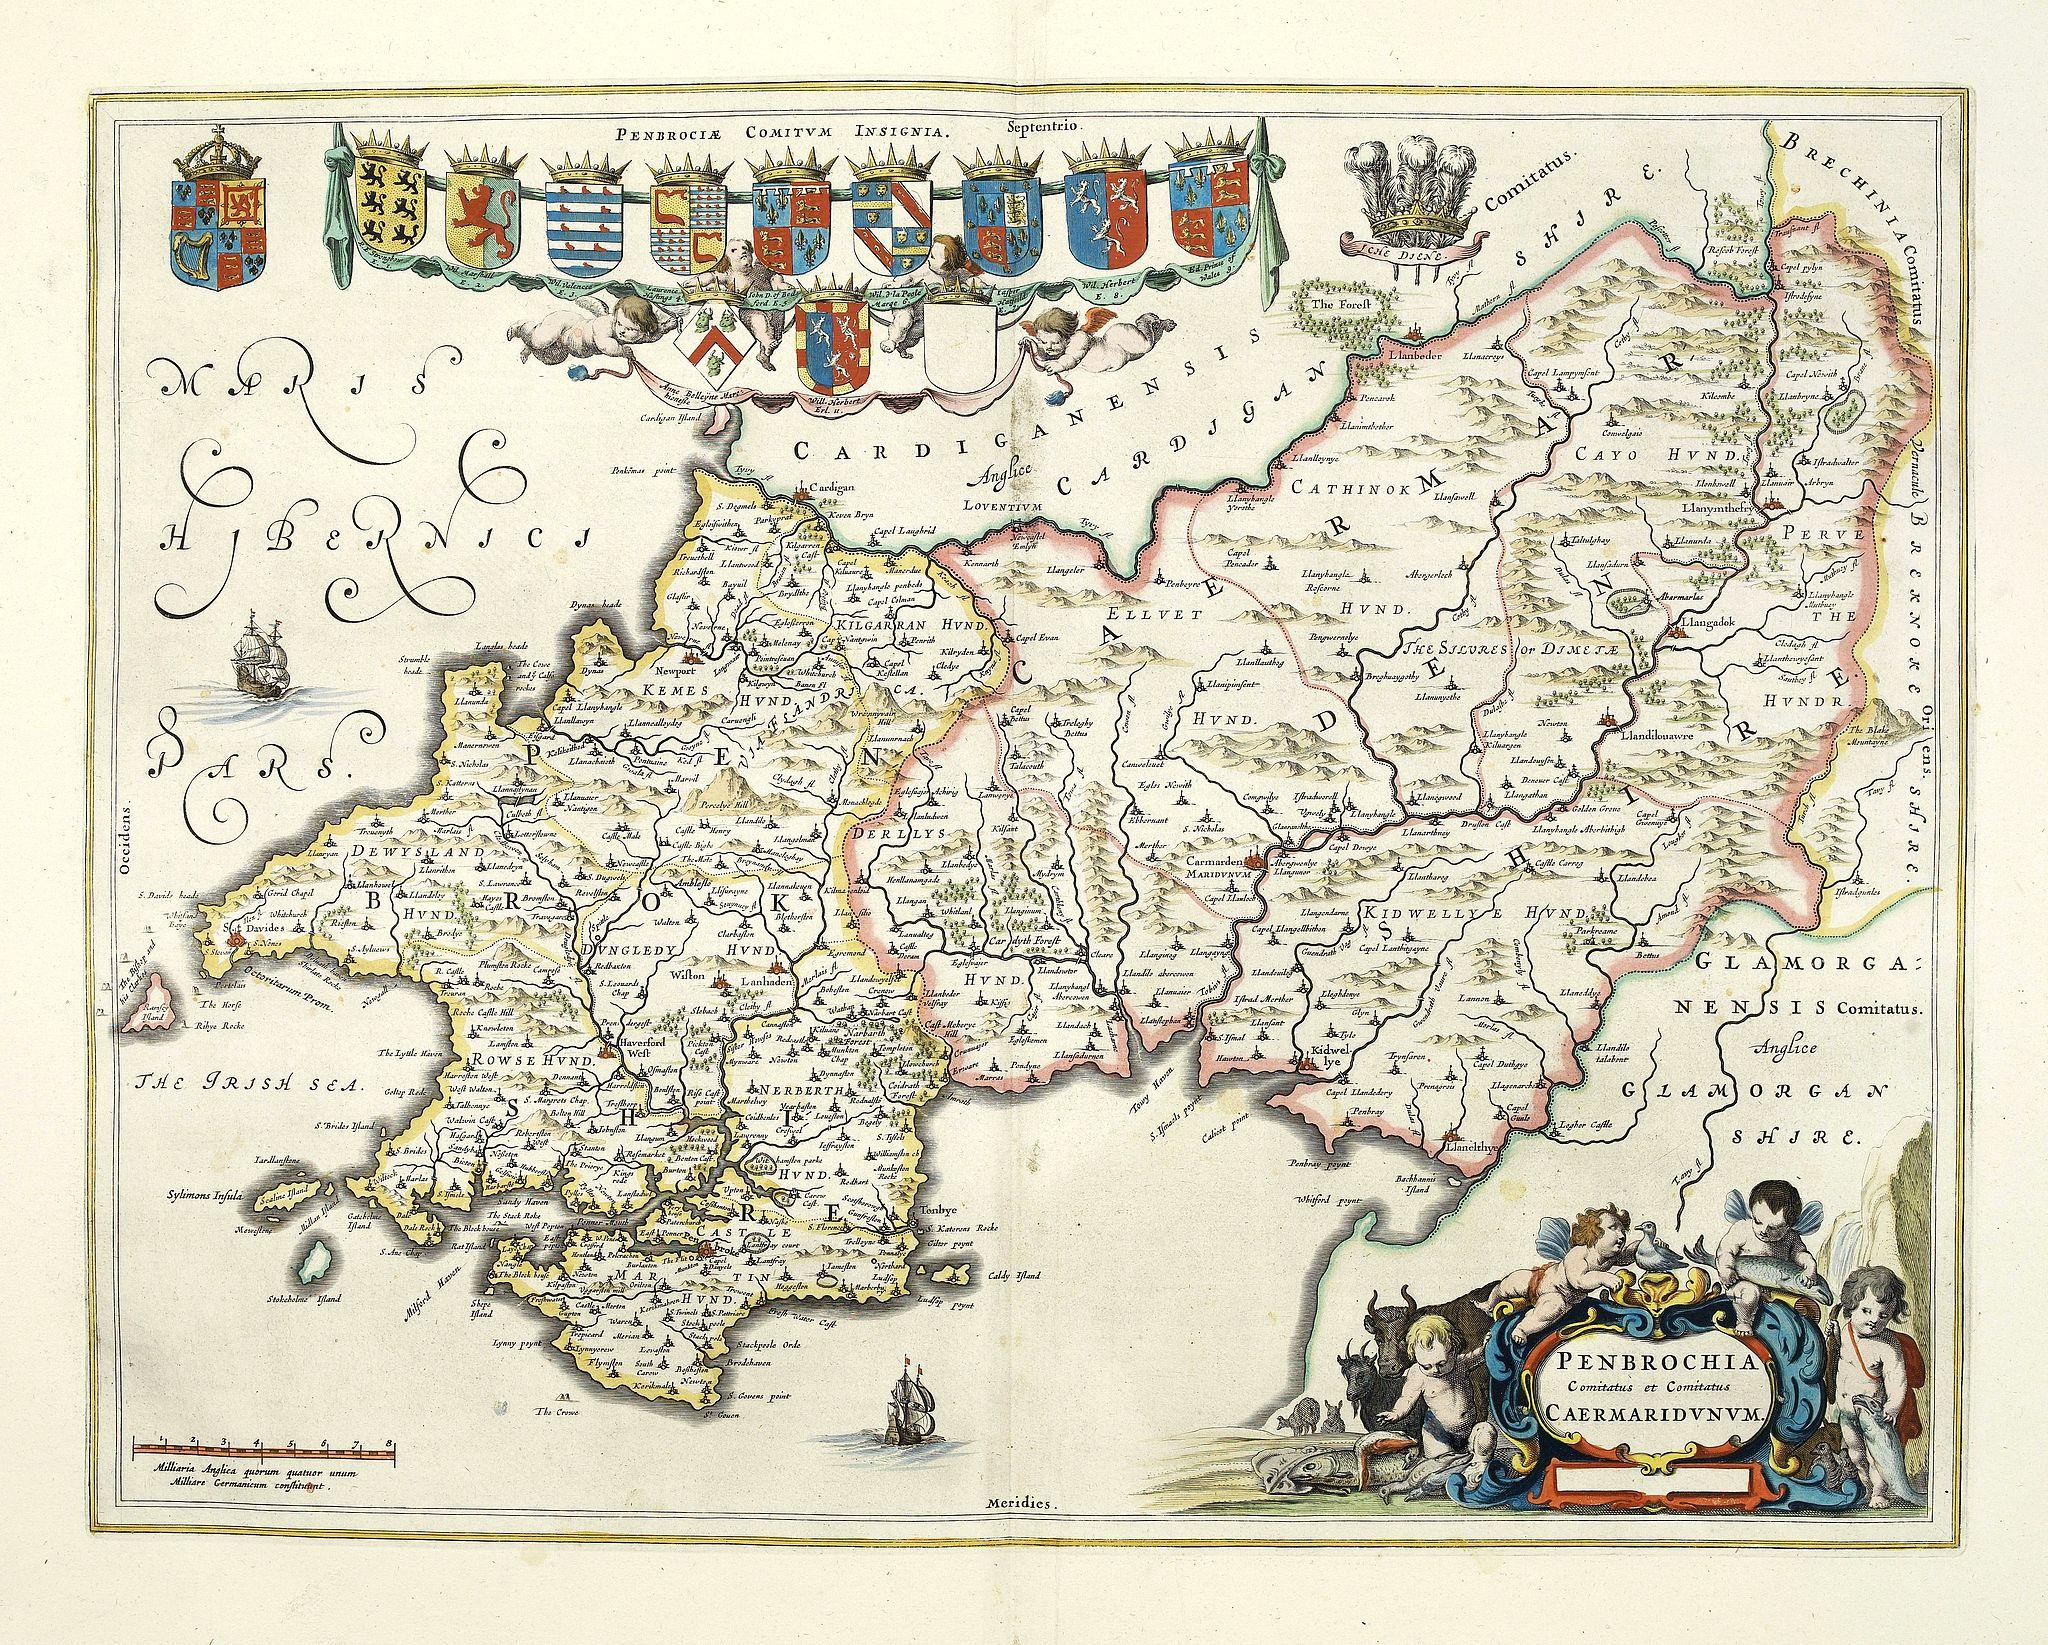 BLAEU, J. -  Penbrochia Comitatus et Comitatus Caermaridunum.